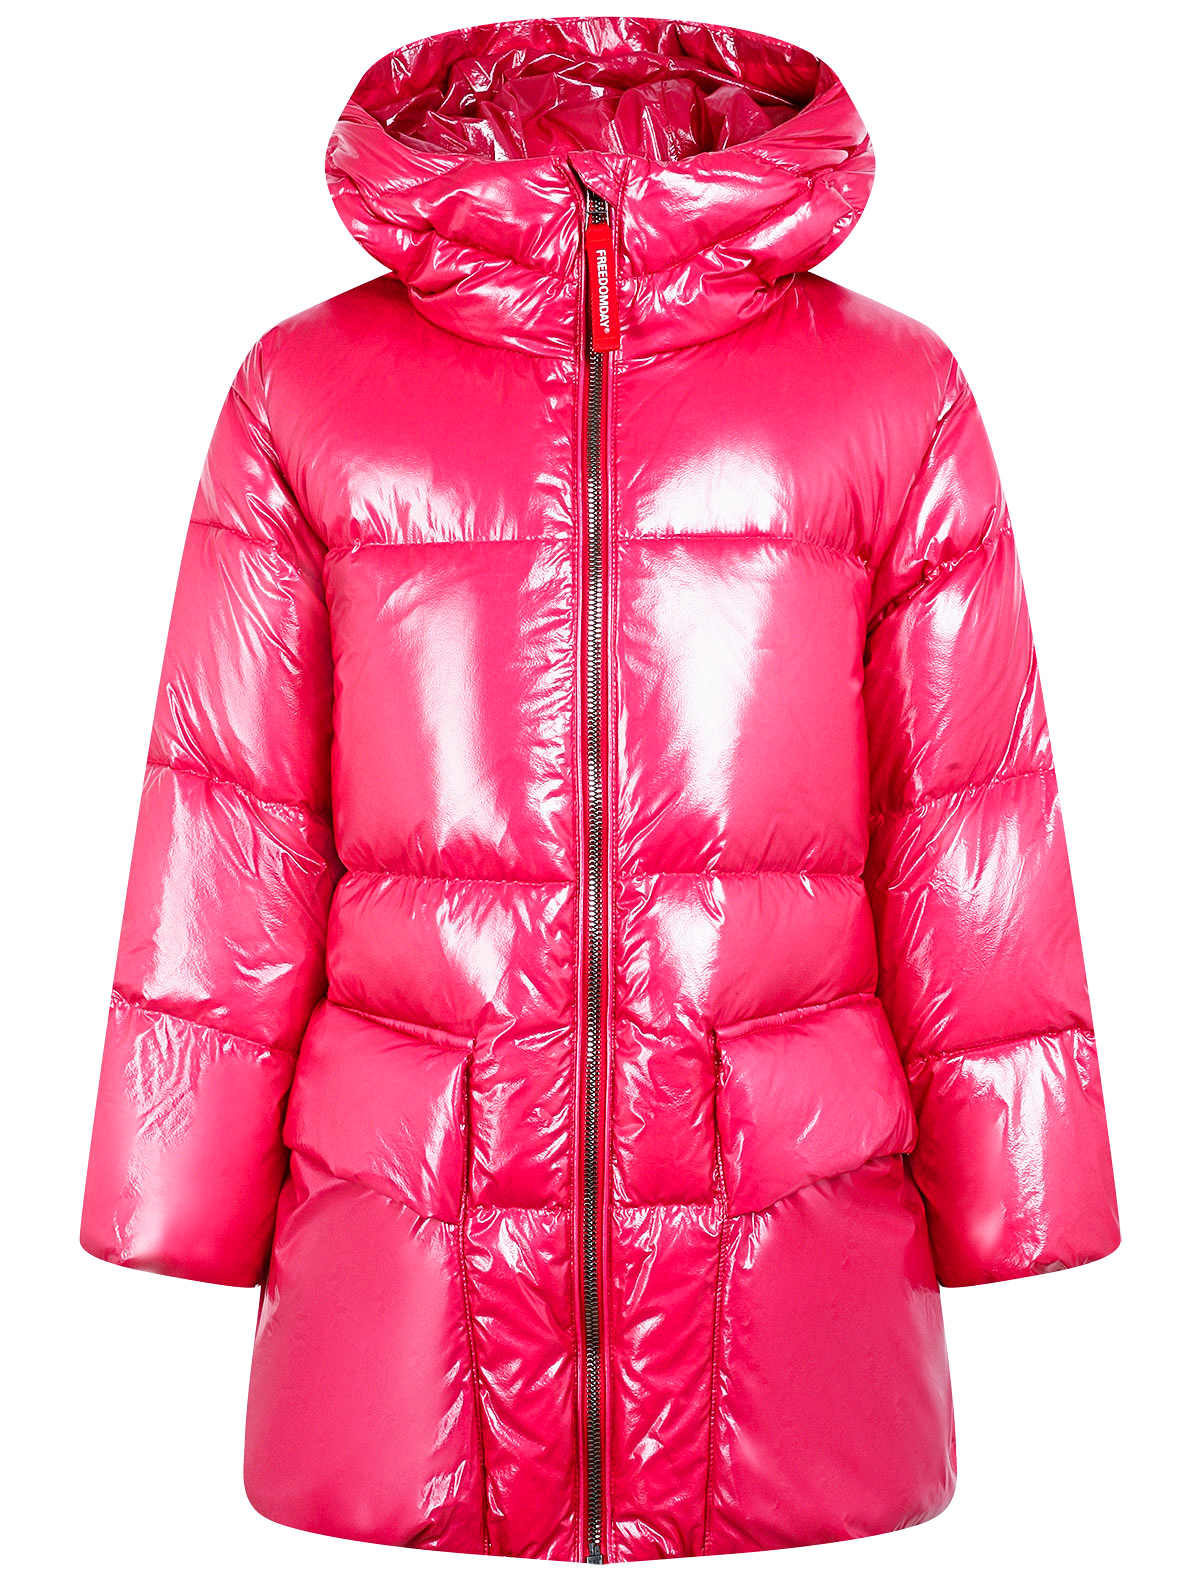 Купить 2243352, Куртка FREEDOMDAY, розовый, Женский, 1074509082934